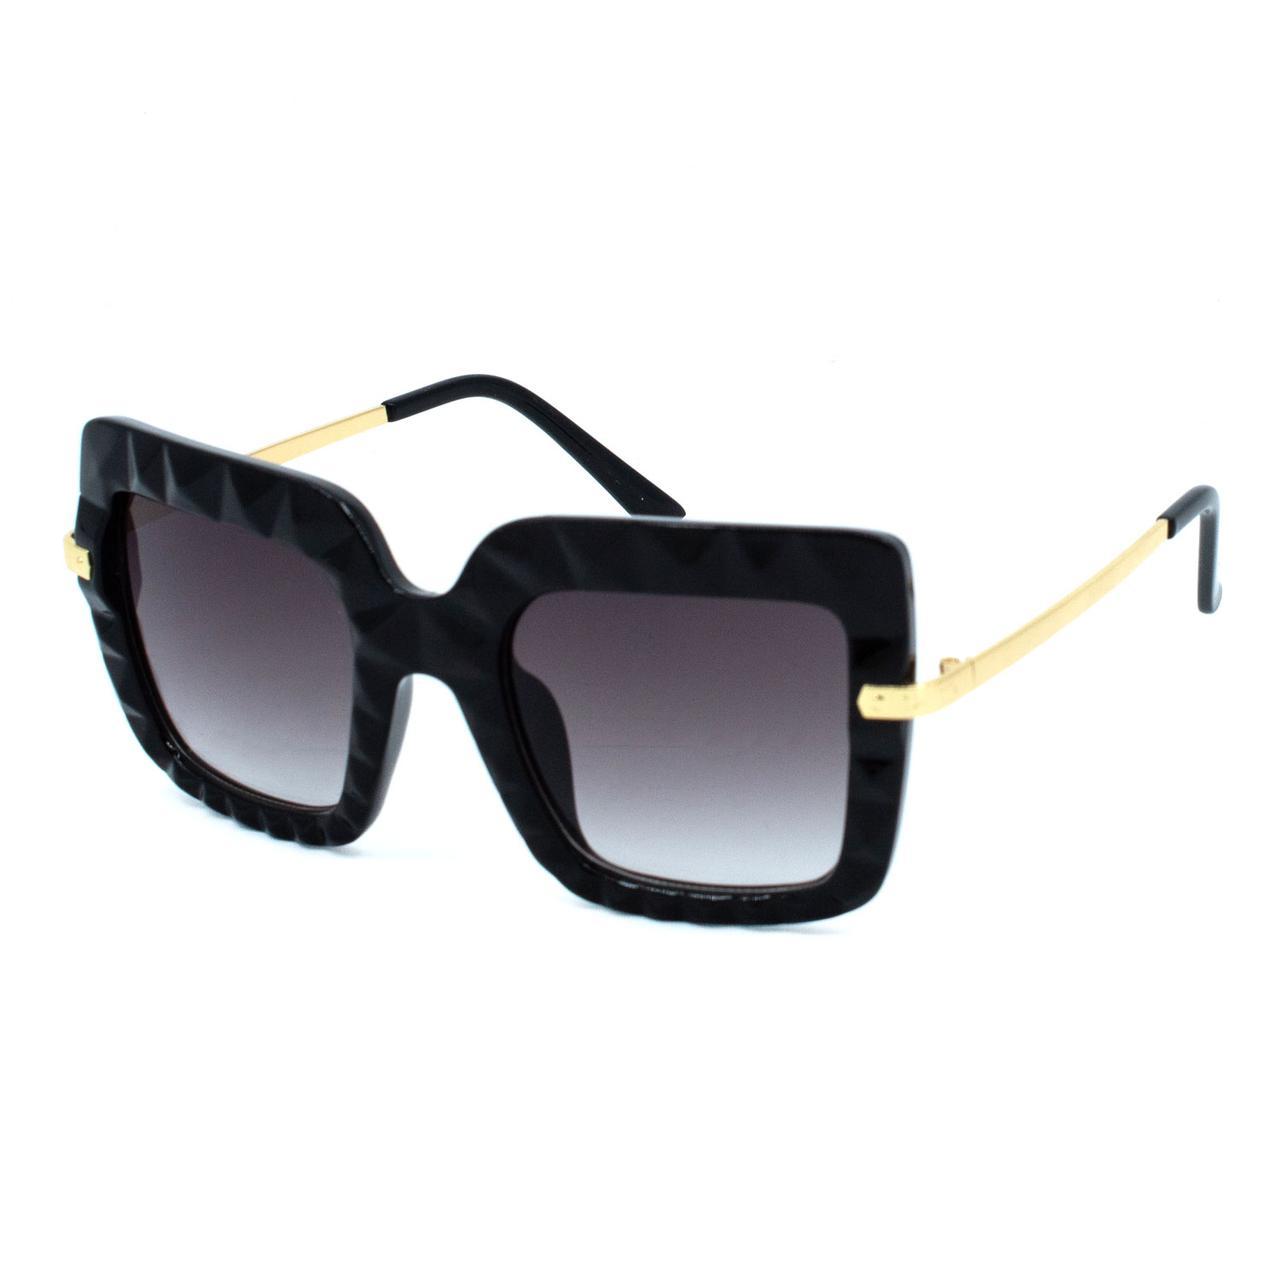 Солнцезащитные очки Marmilen 95504 C4 черные     ( 95504-04 )